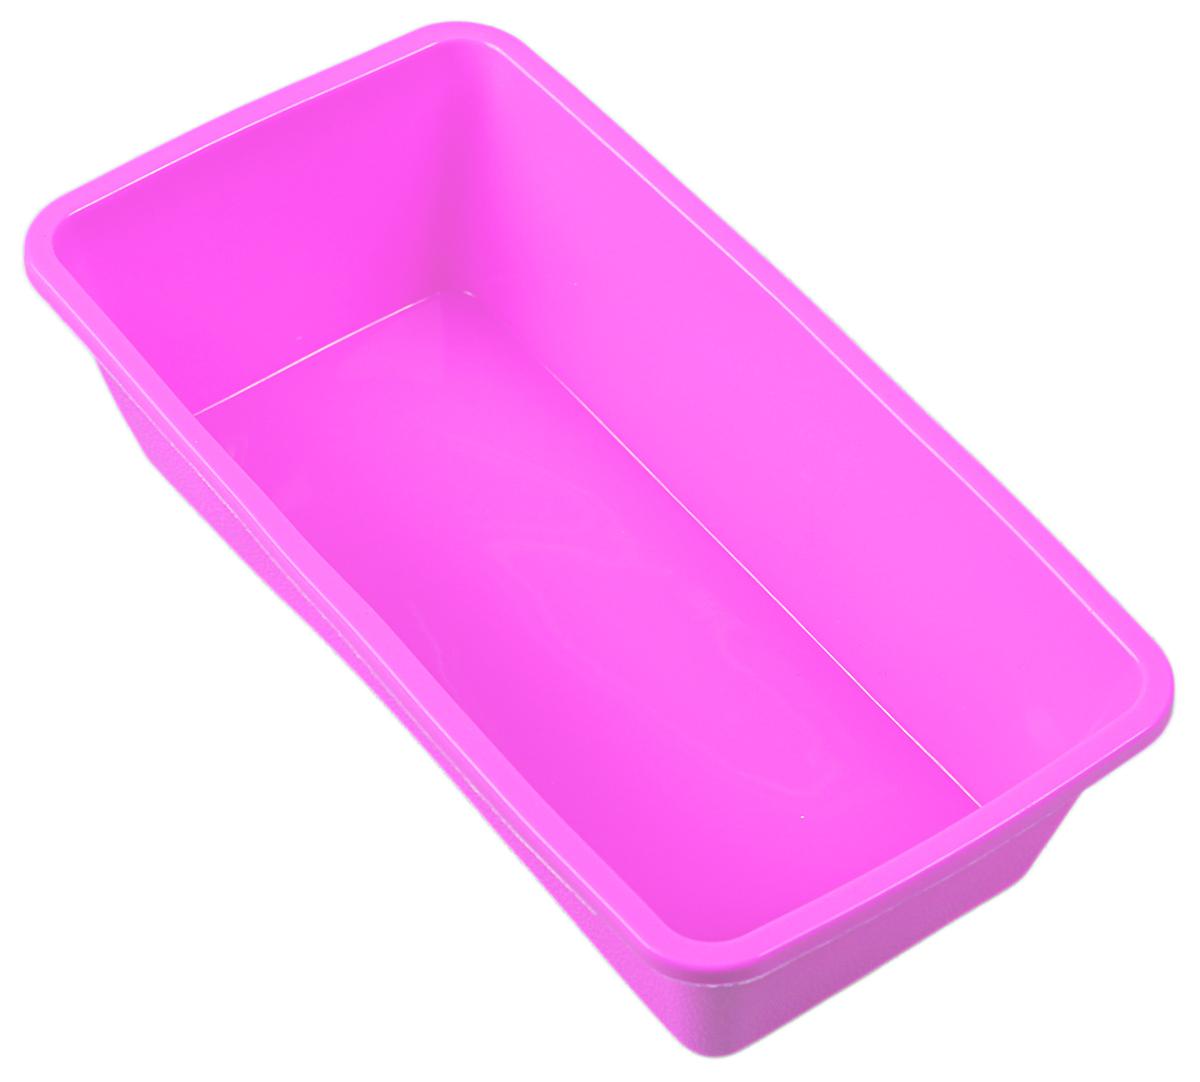 Форма для выпечки Доляна Прямоугольная, цвет: розовый, 22 х 11 х 6 см775523_голубойФорма для выпечки Доляна Прямоугольная, цвет: розовый, 22 х 11 х 6 см